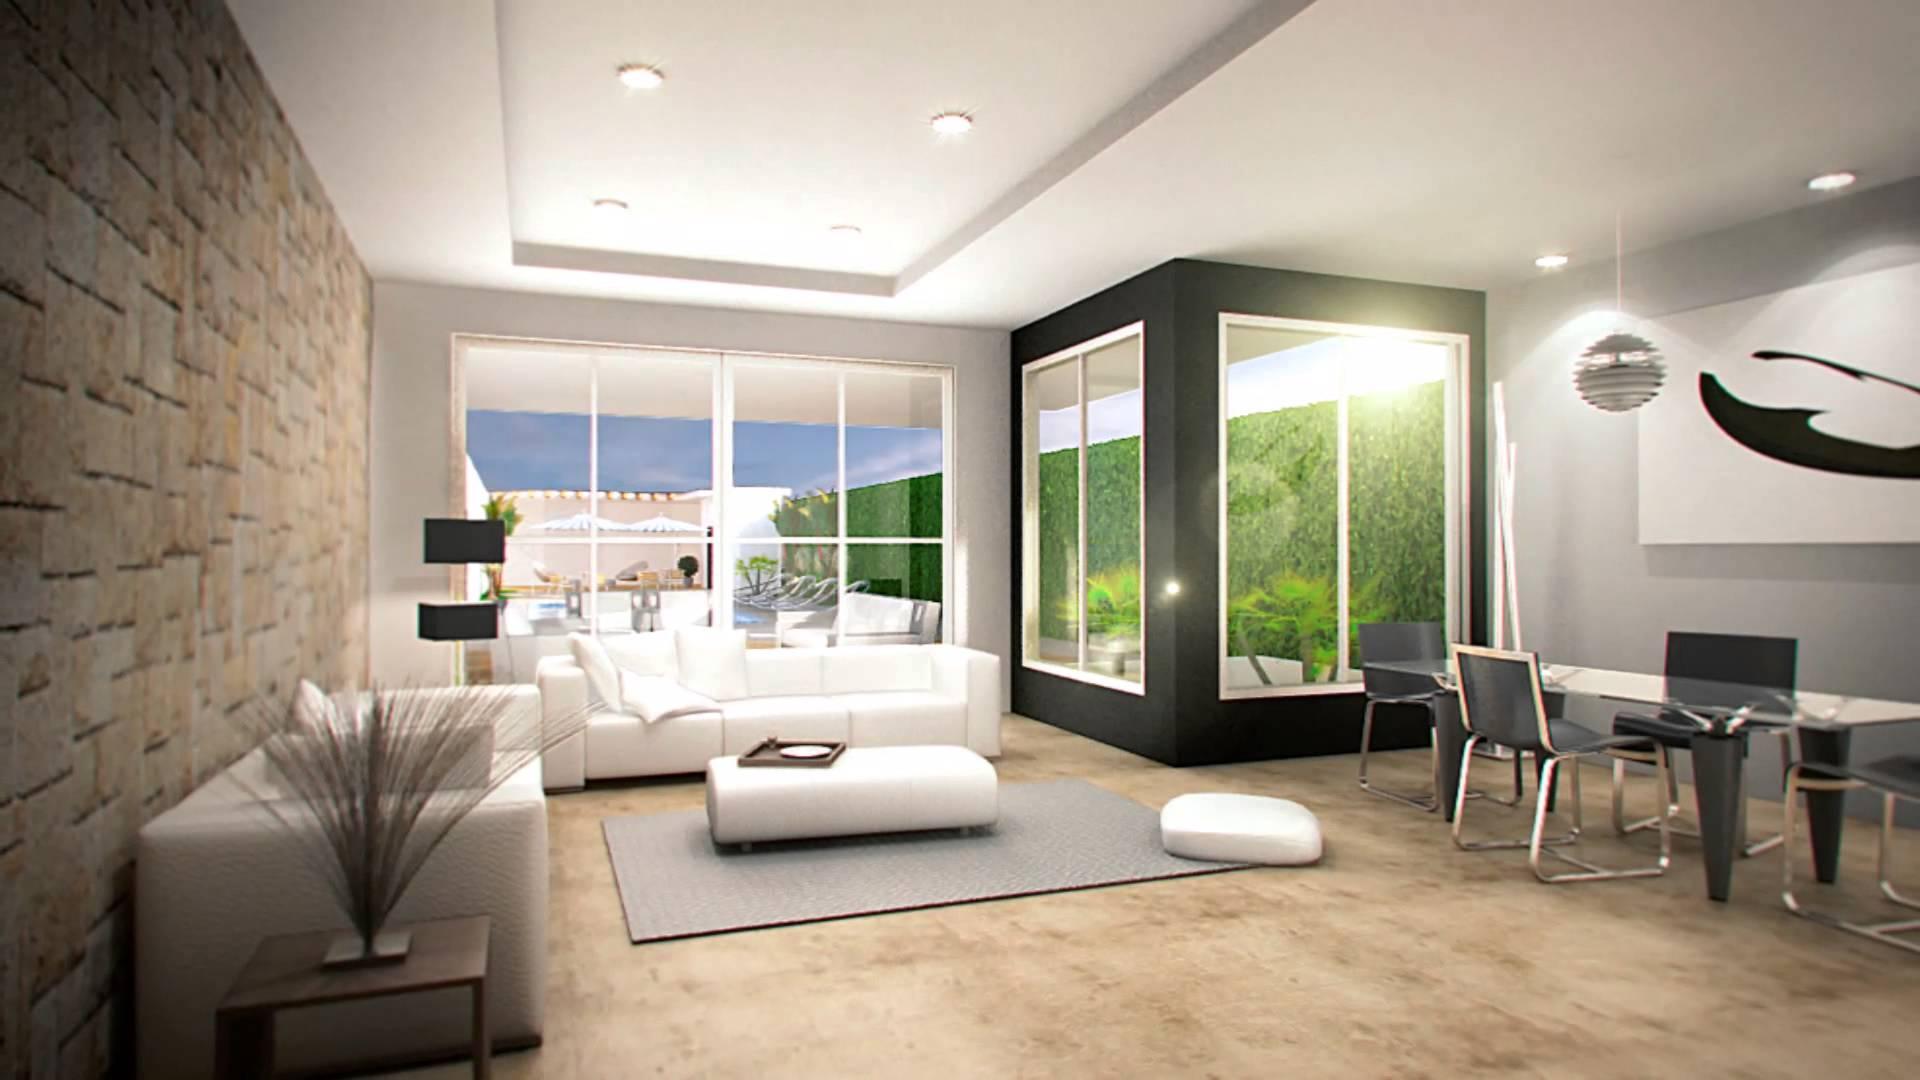 Gypsum decoracion interiores for Decoracion interior